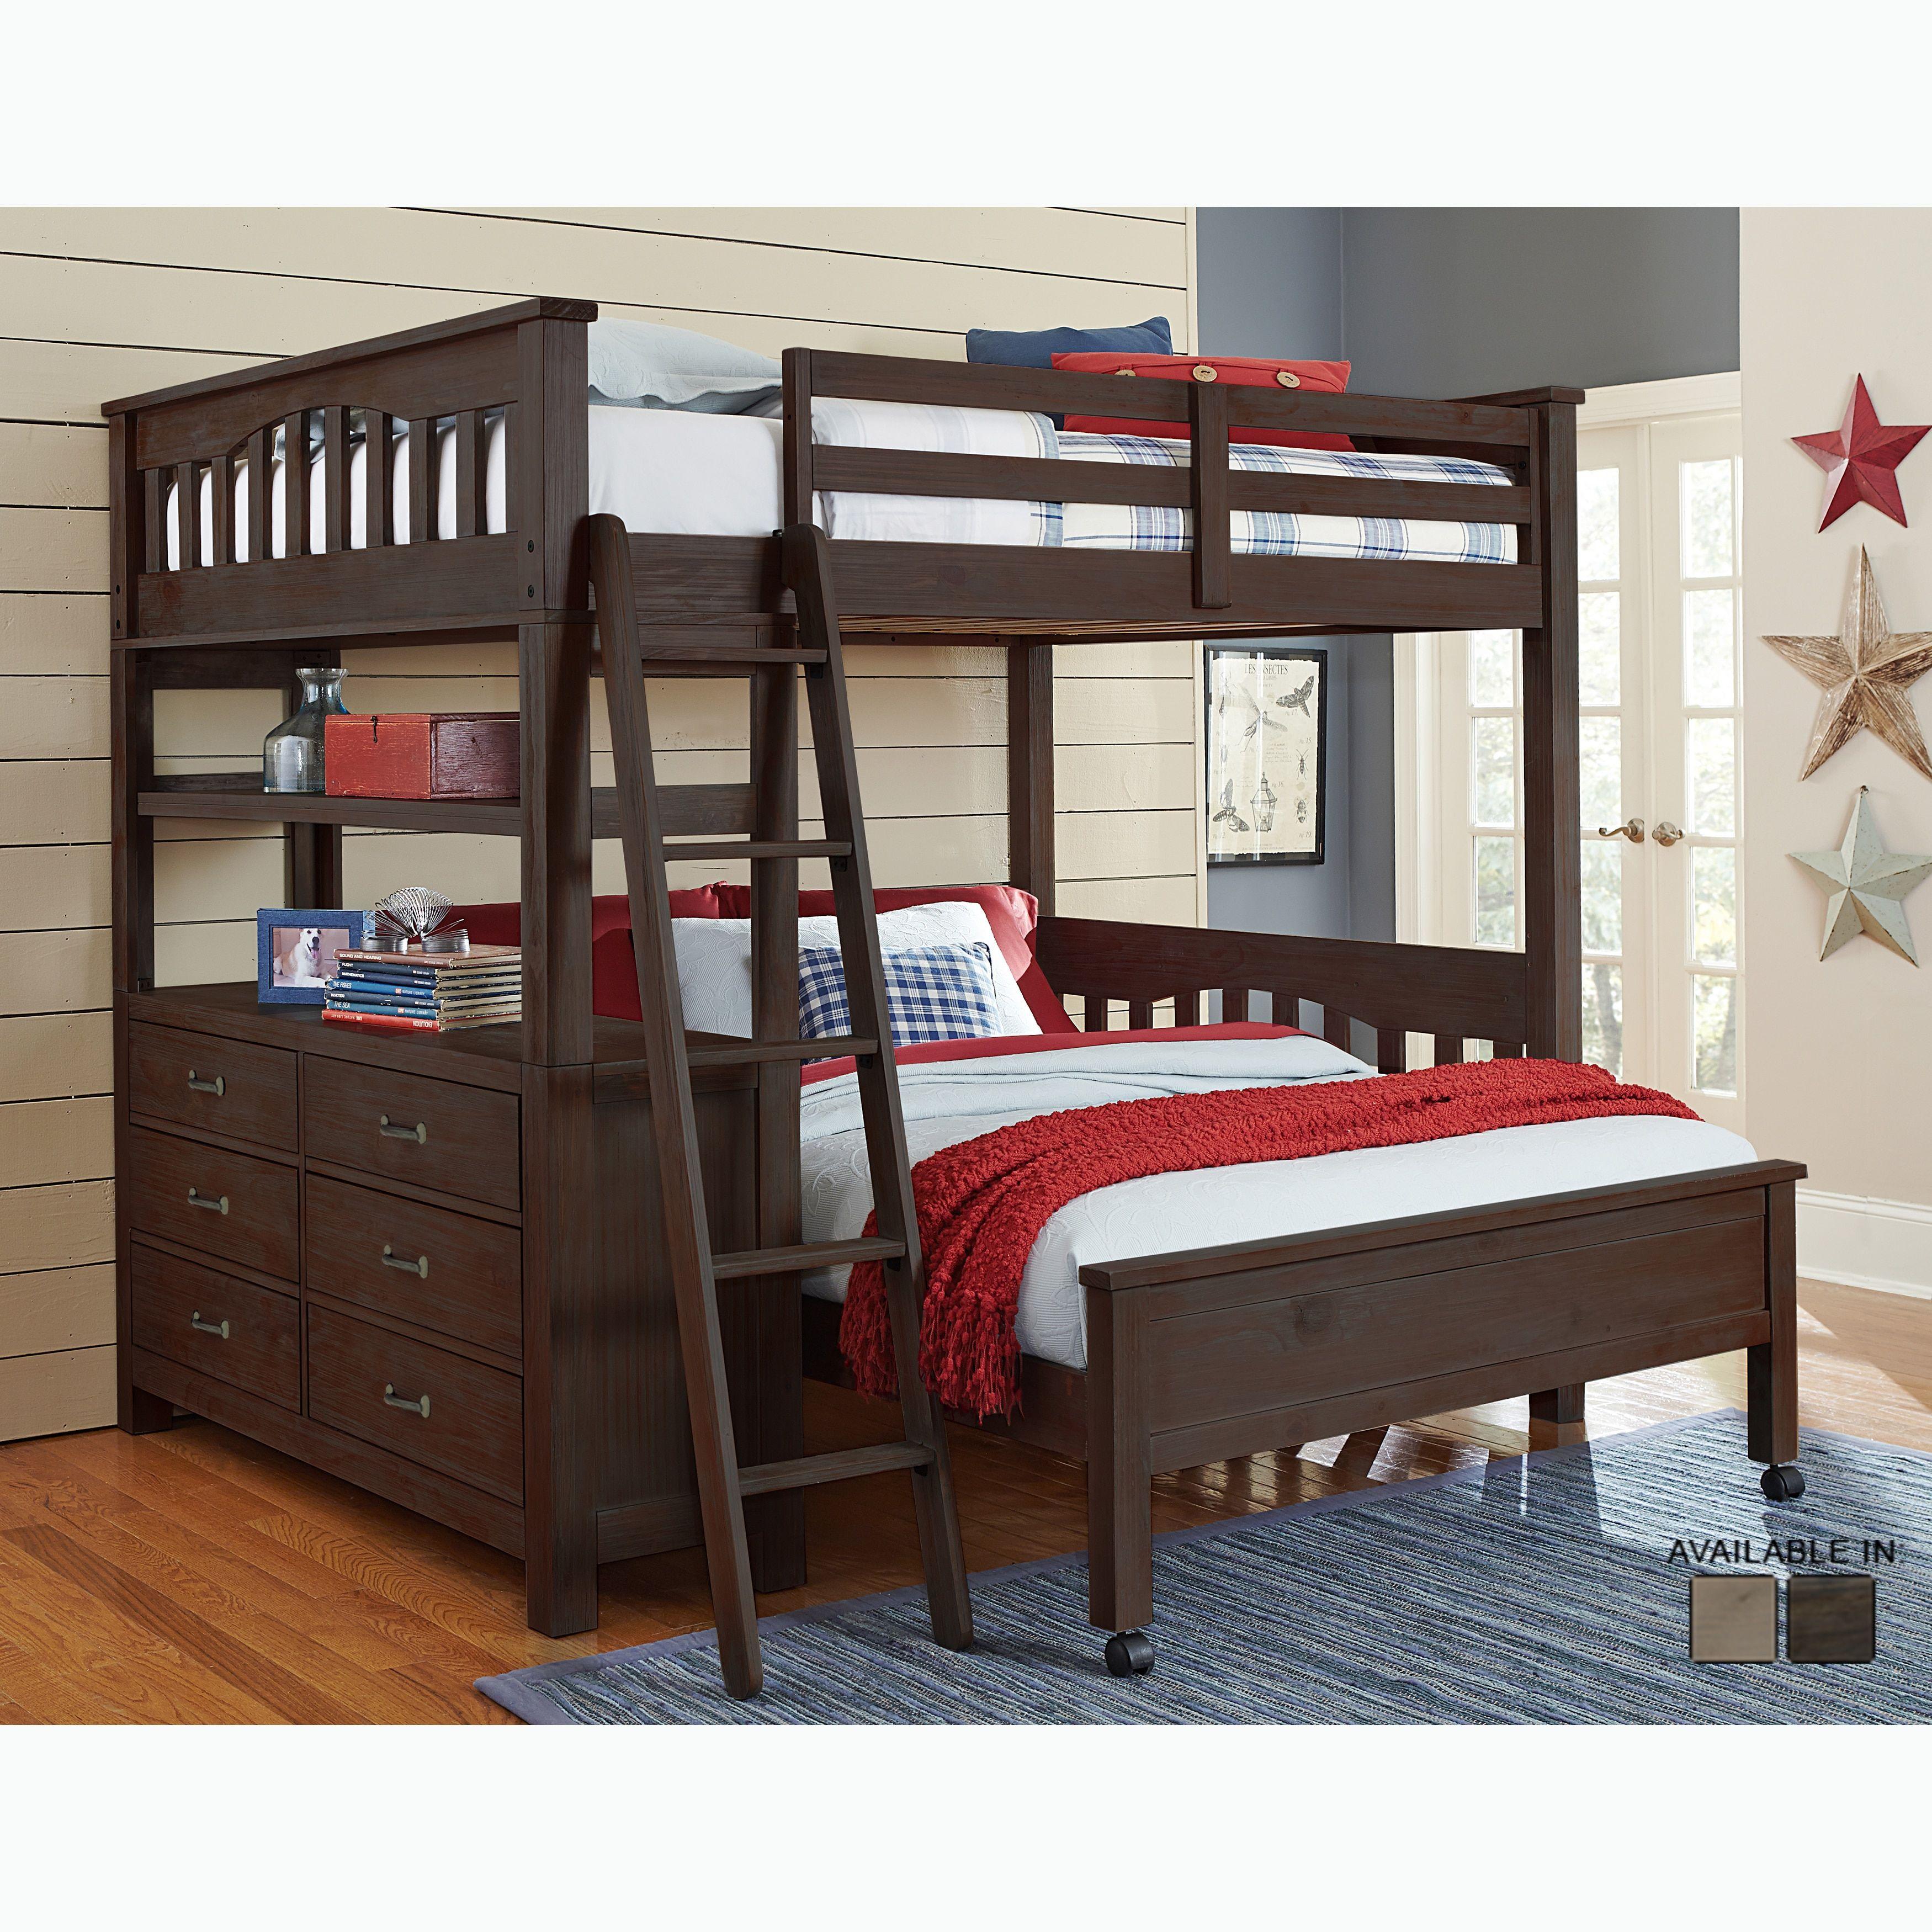 NE Kids Highlands Collection Espresso Wood Fullsize Loft